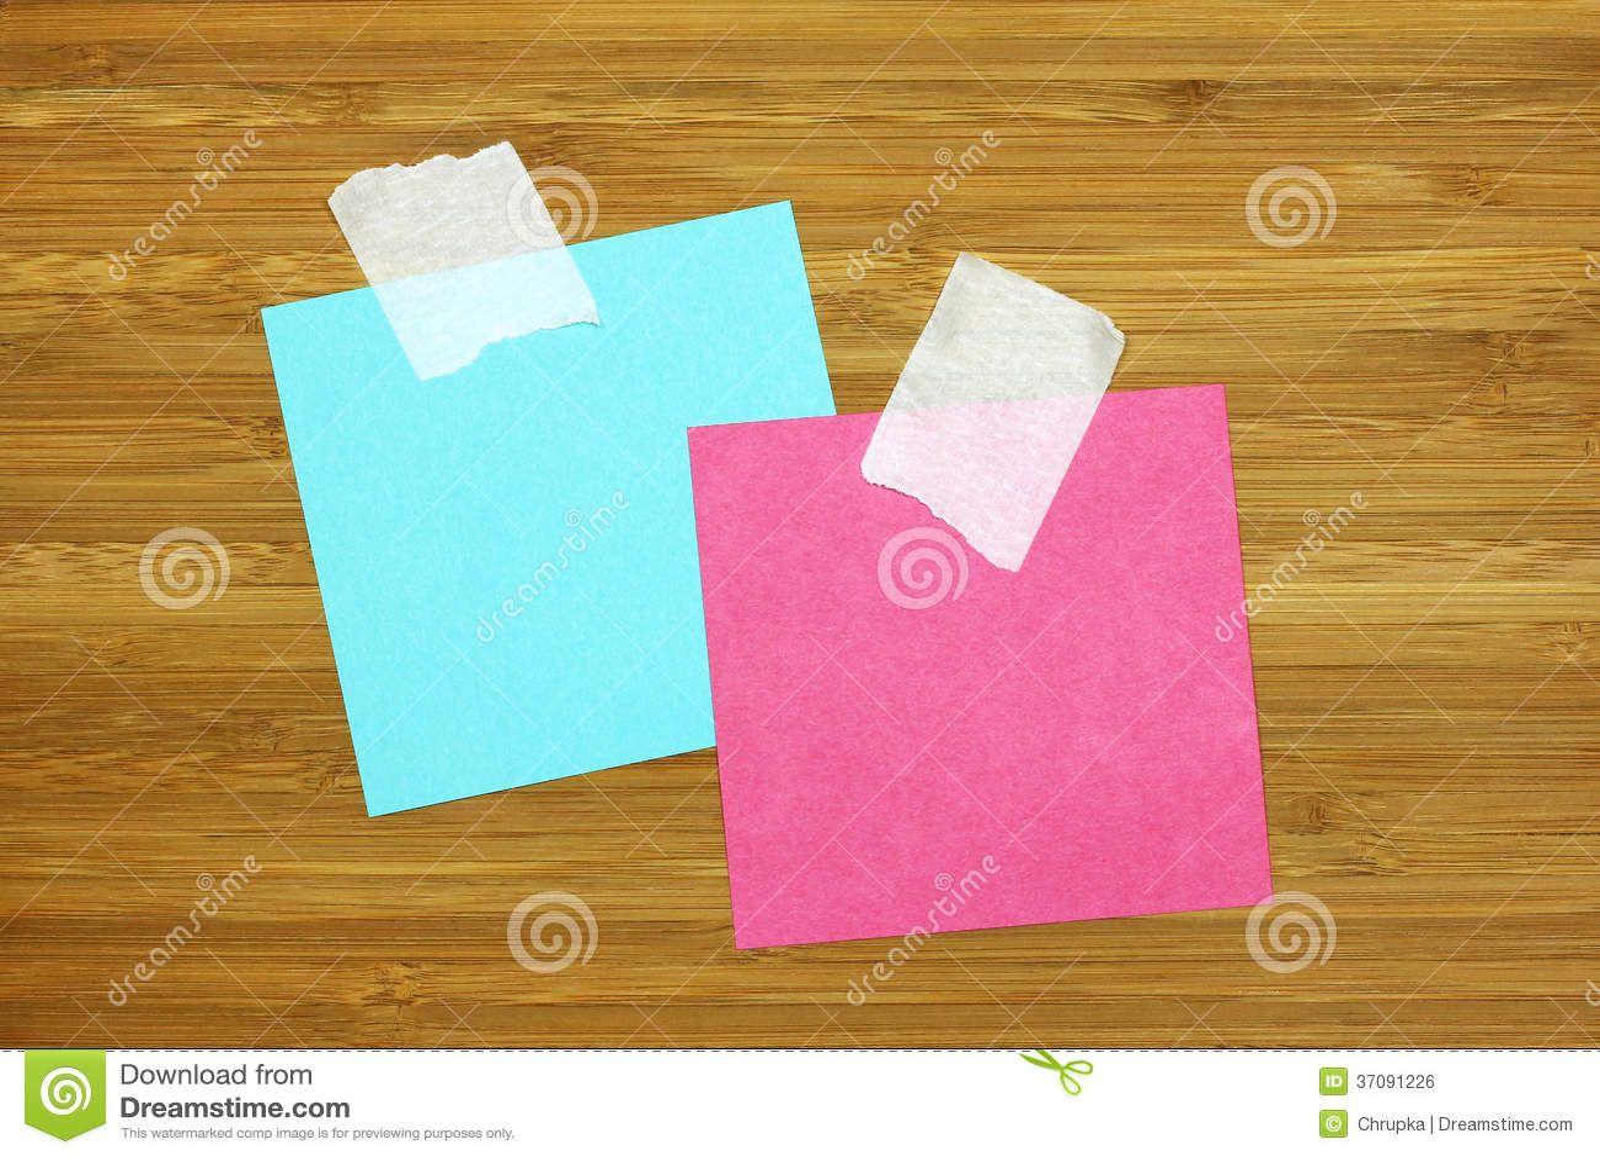 Download Dwa Kolorowa Pusta Nutowa Karta Na Drewnianej Teksturze Zdjęcie Stock - Obraz złożonej z biznes, brąz: 37091226